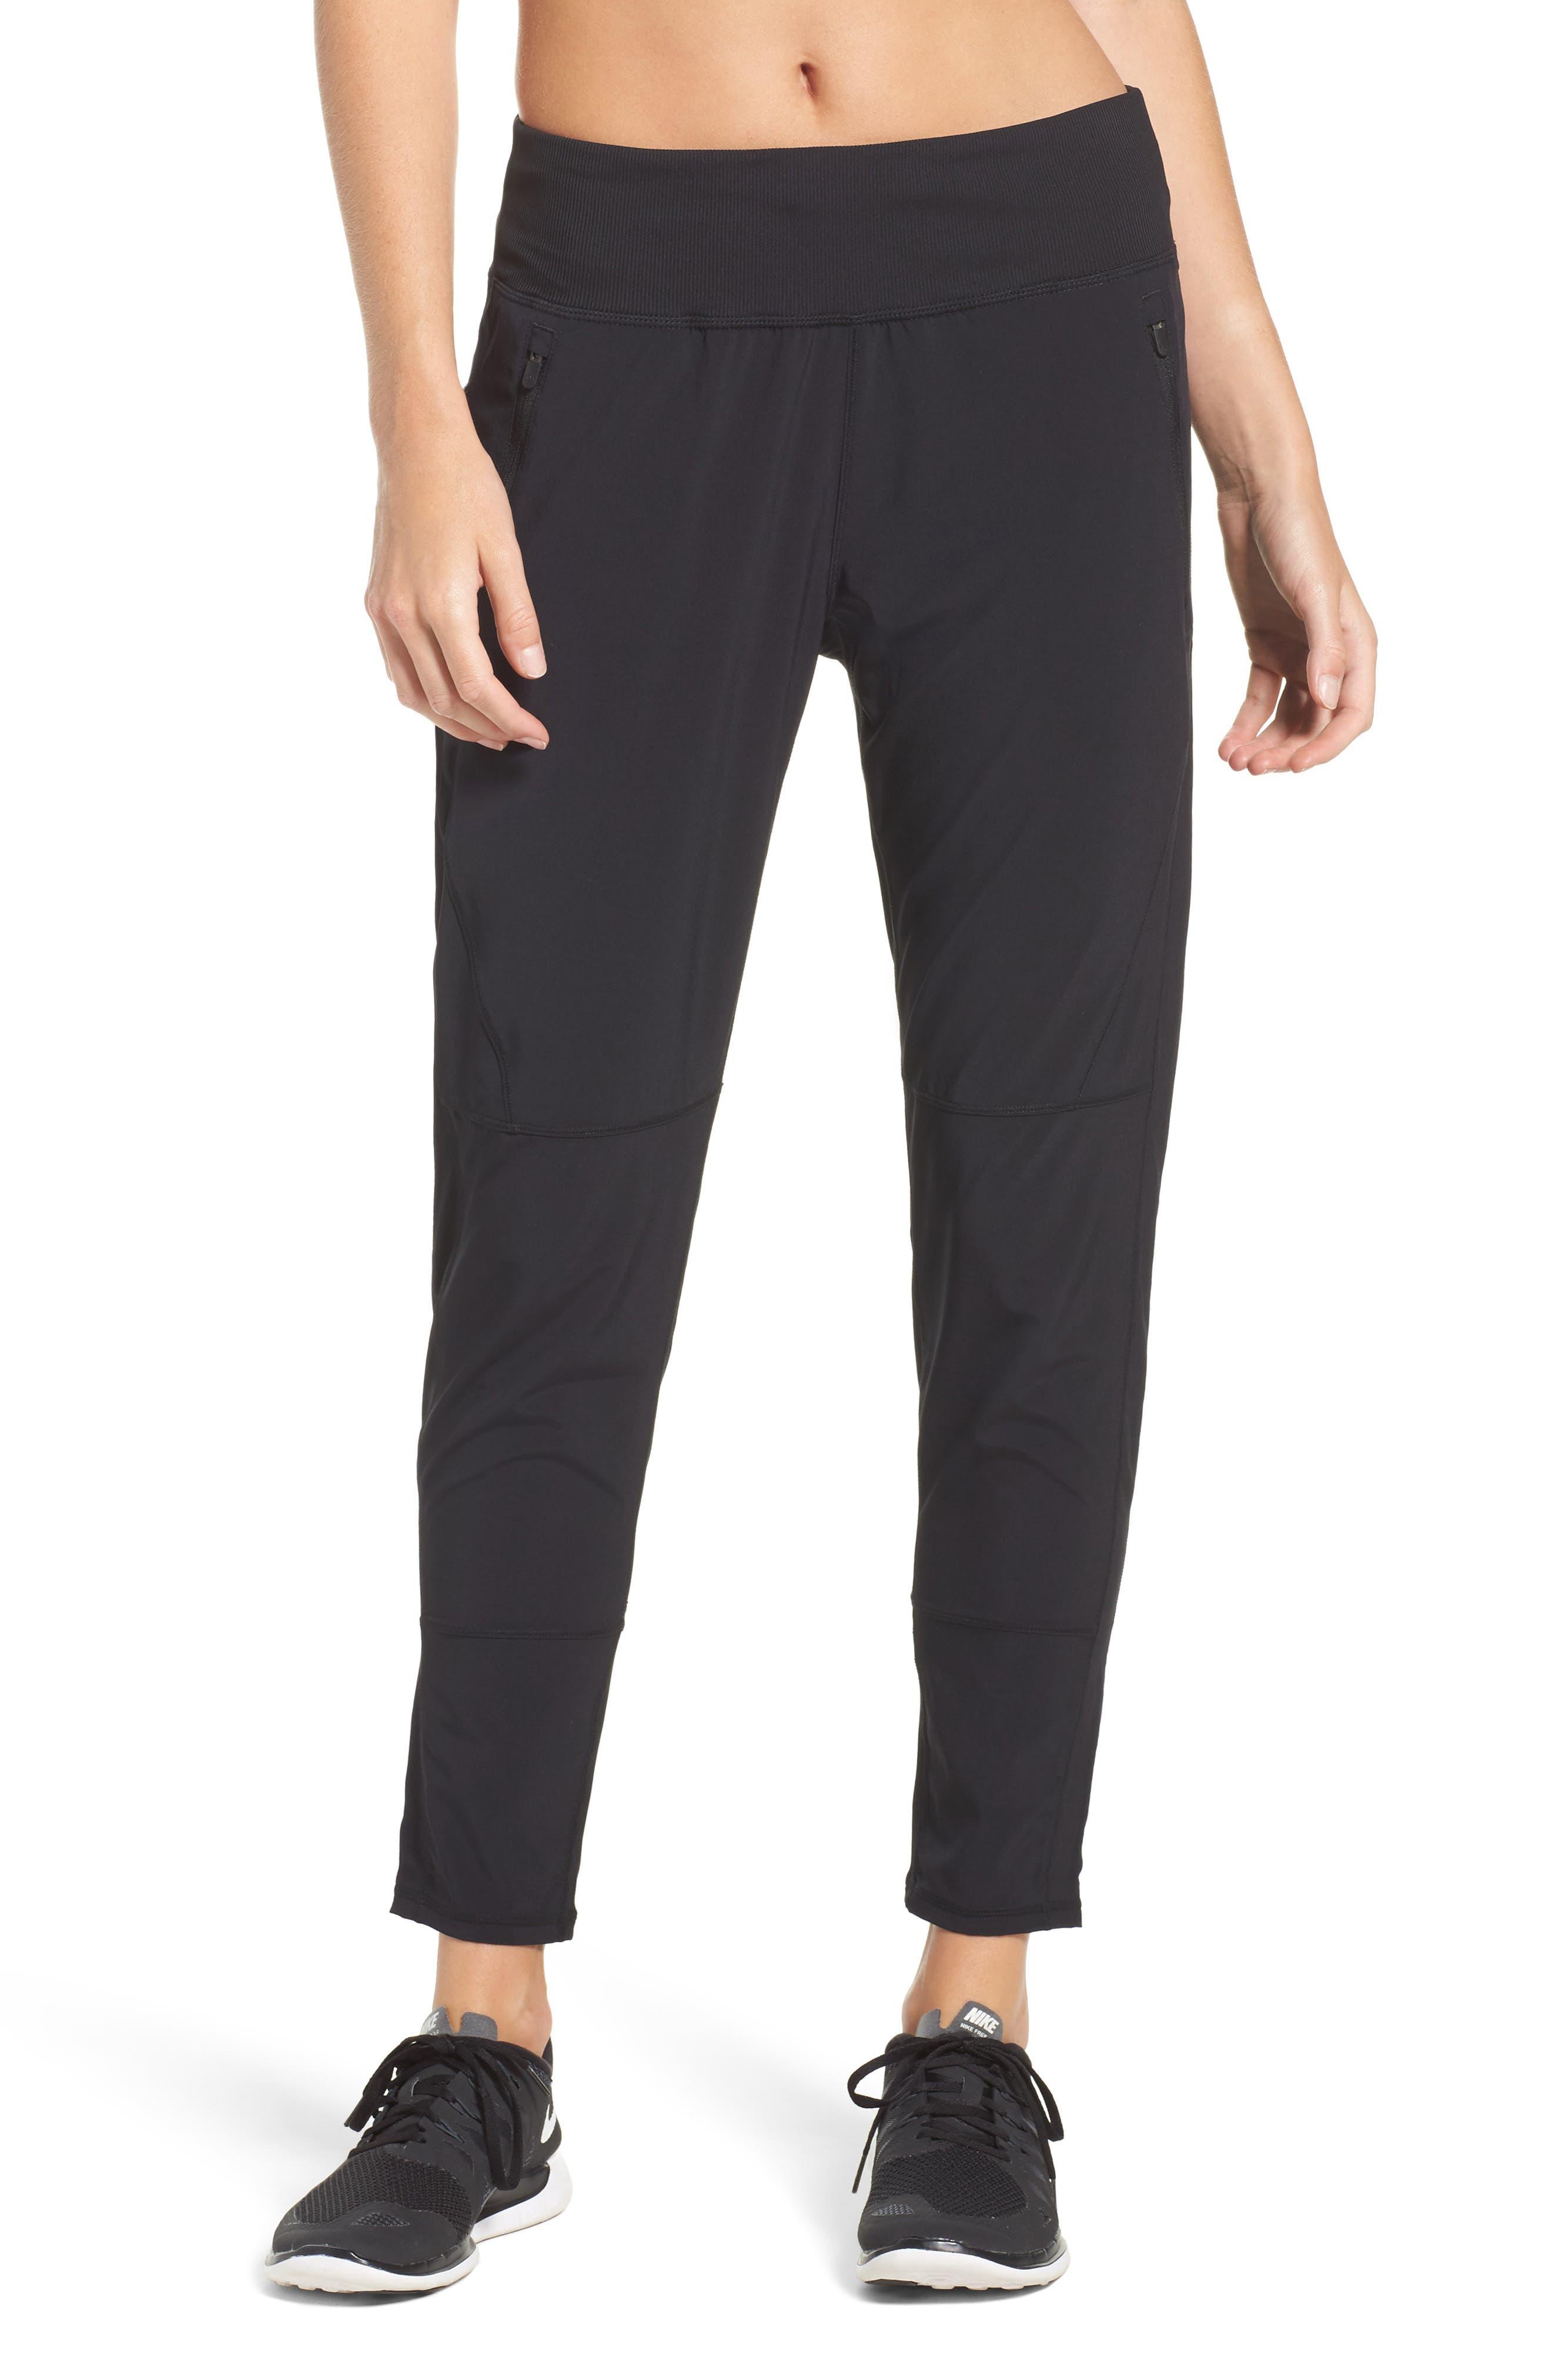 Transition Ankle Pants,                         Main,                         color, Black